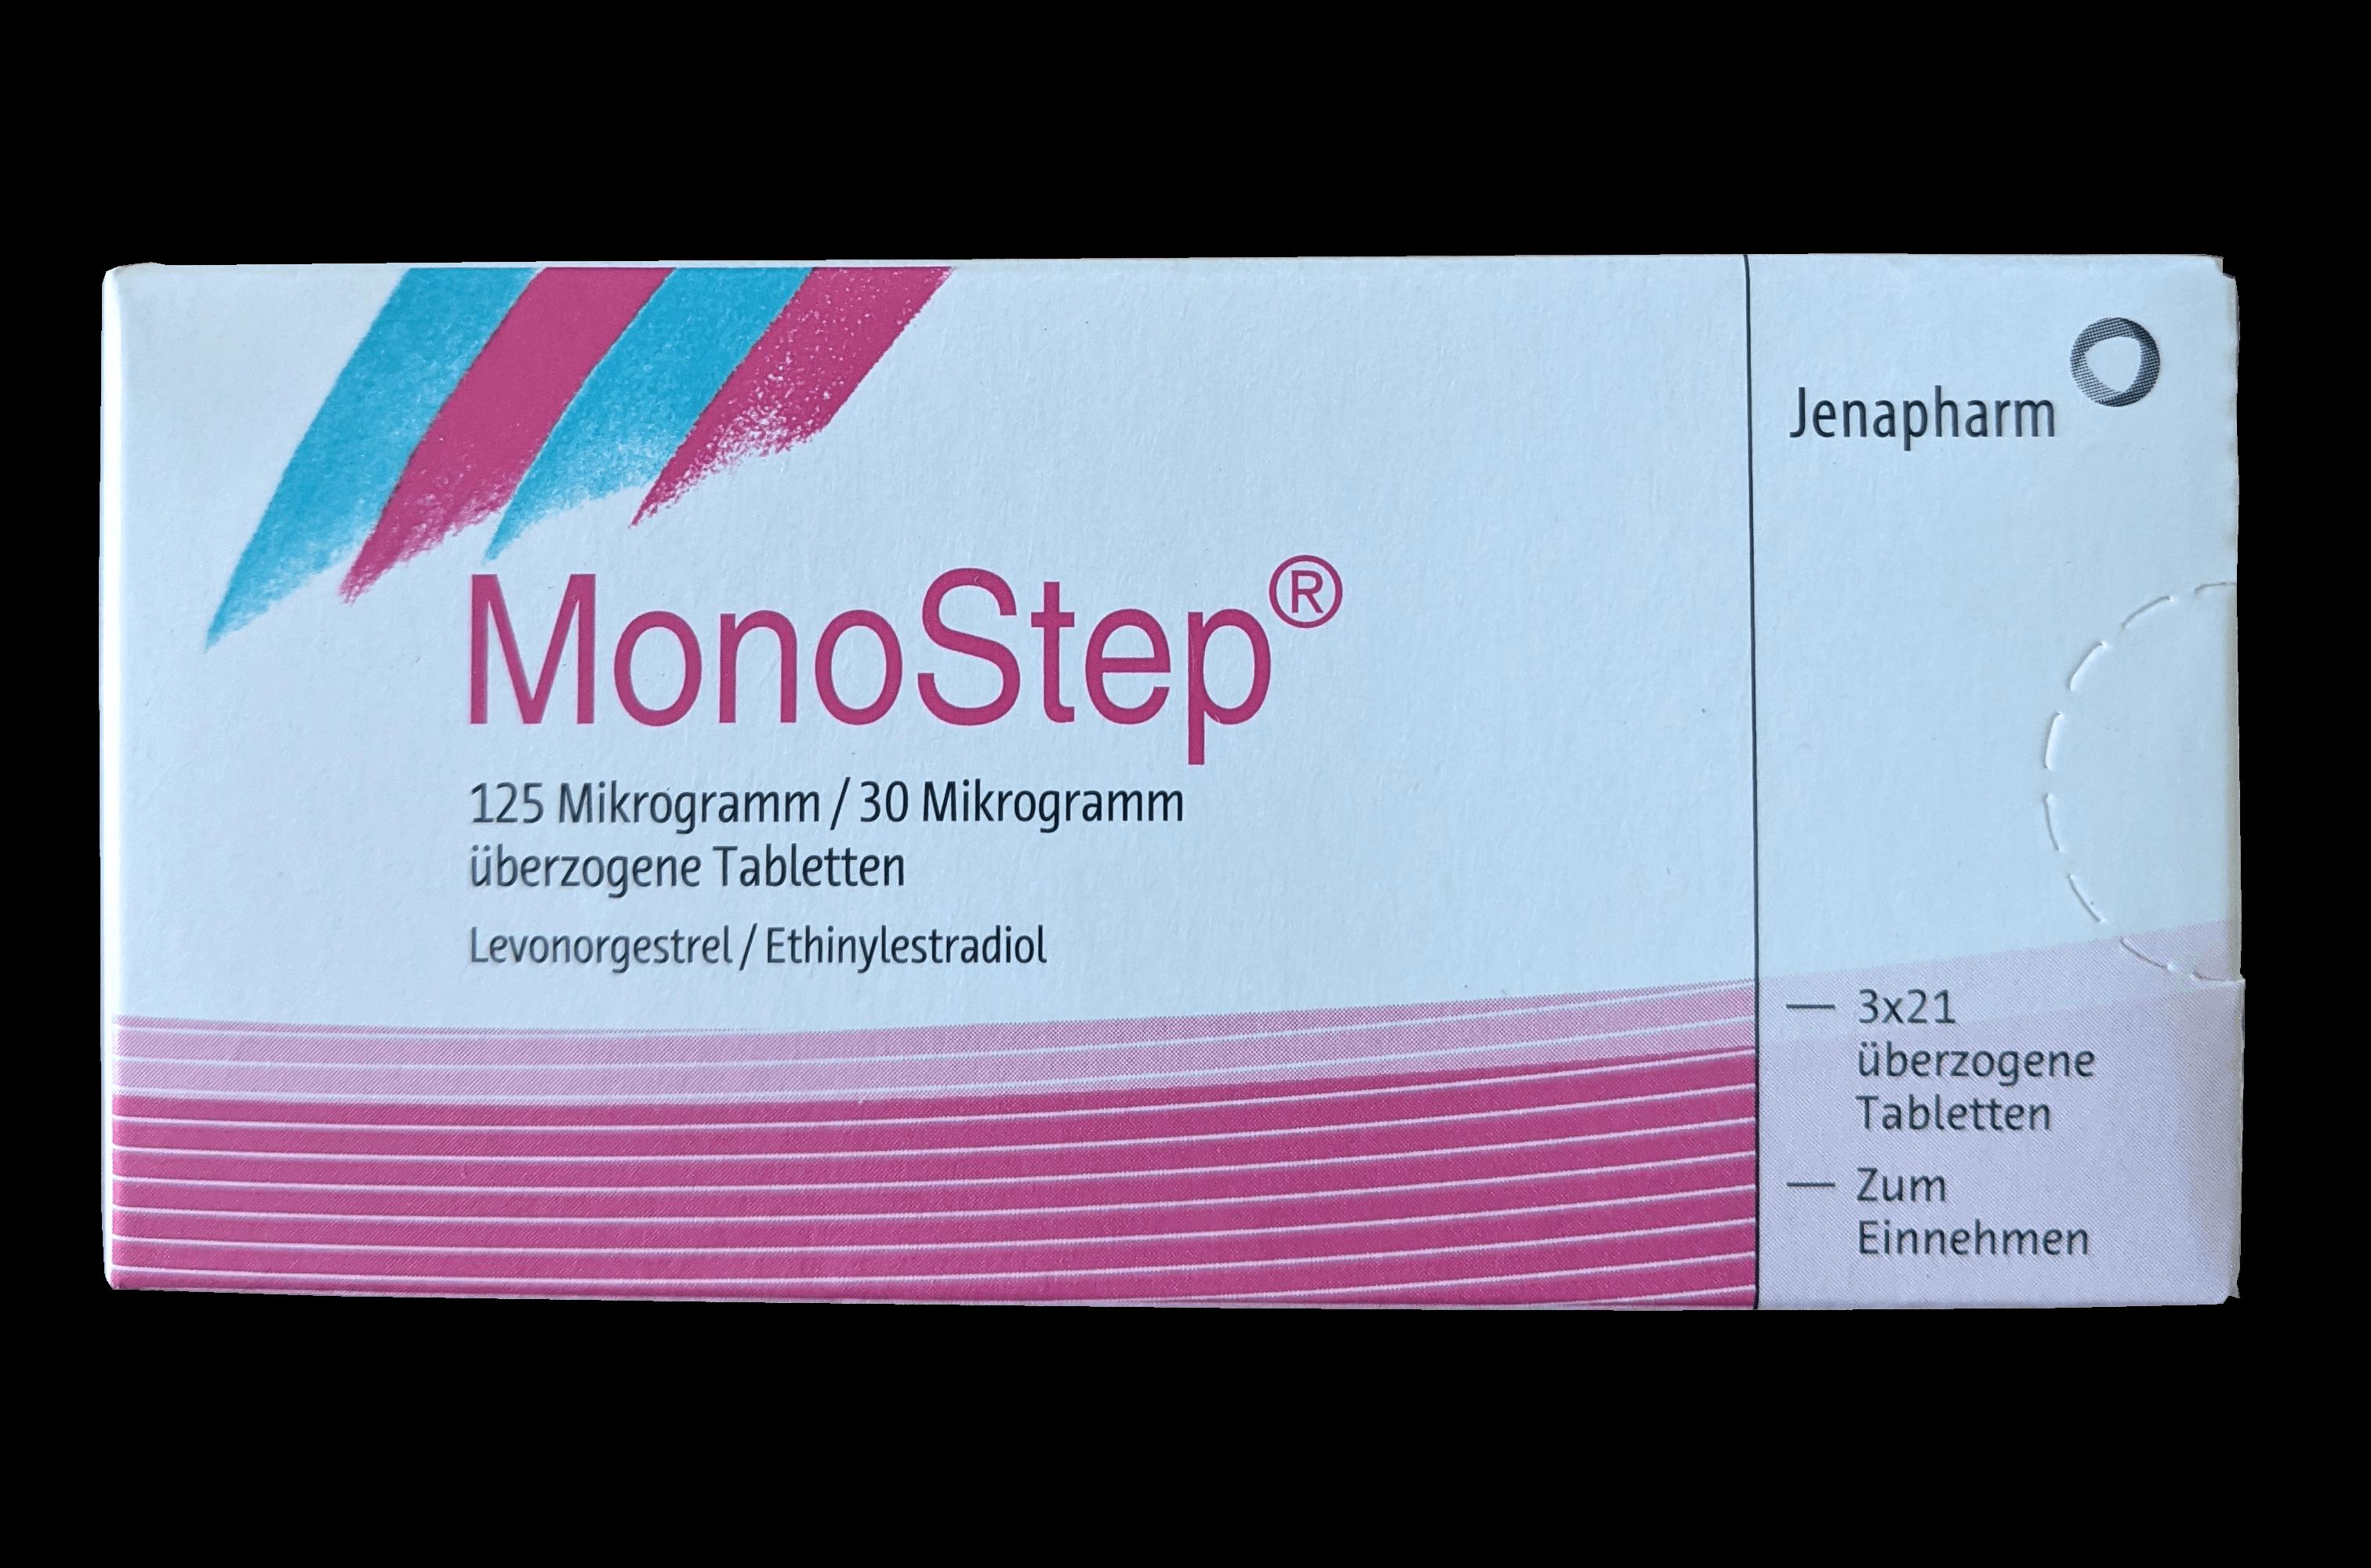 Pille MonoStep - Art, Wirkstoffe, Einnahme, Nebenwirkungen